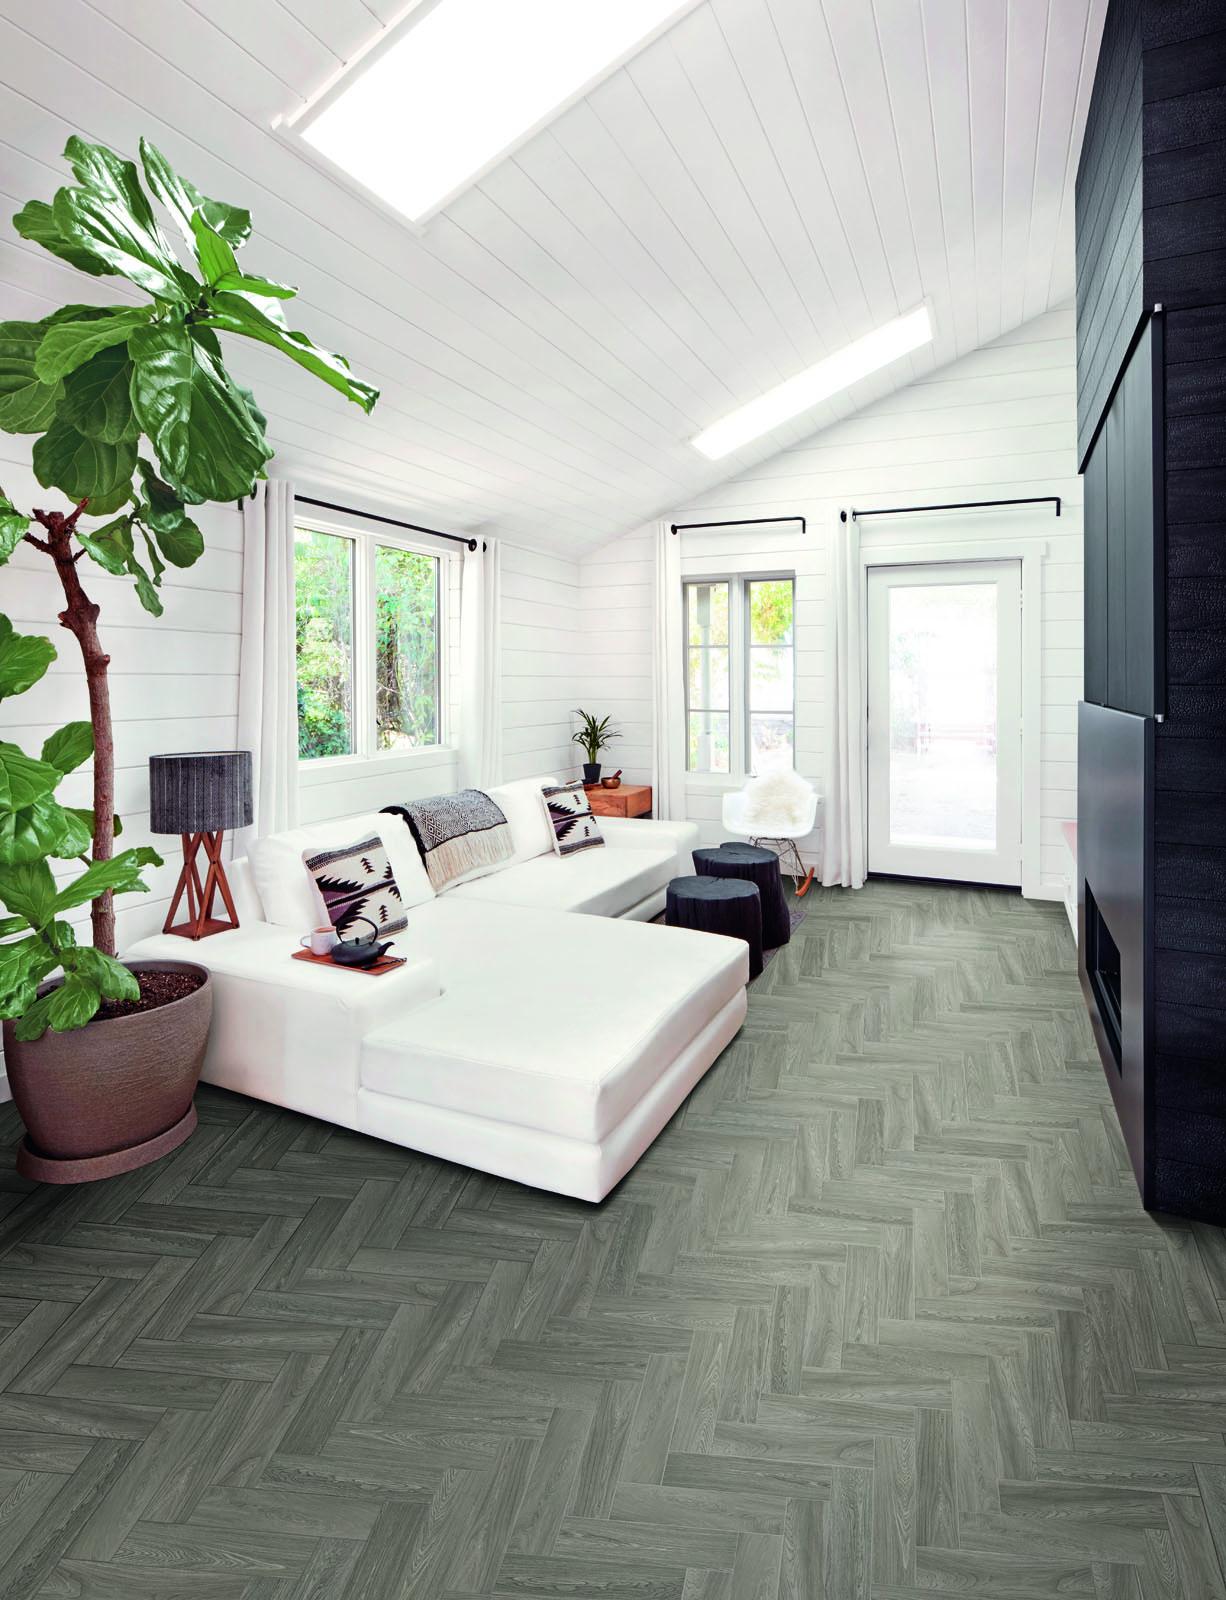 fliesen fr das wohnzimmer gestaltungideen mit keramik und feinsteinzeug marazzi 8362